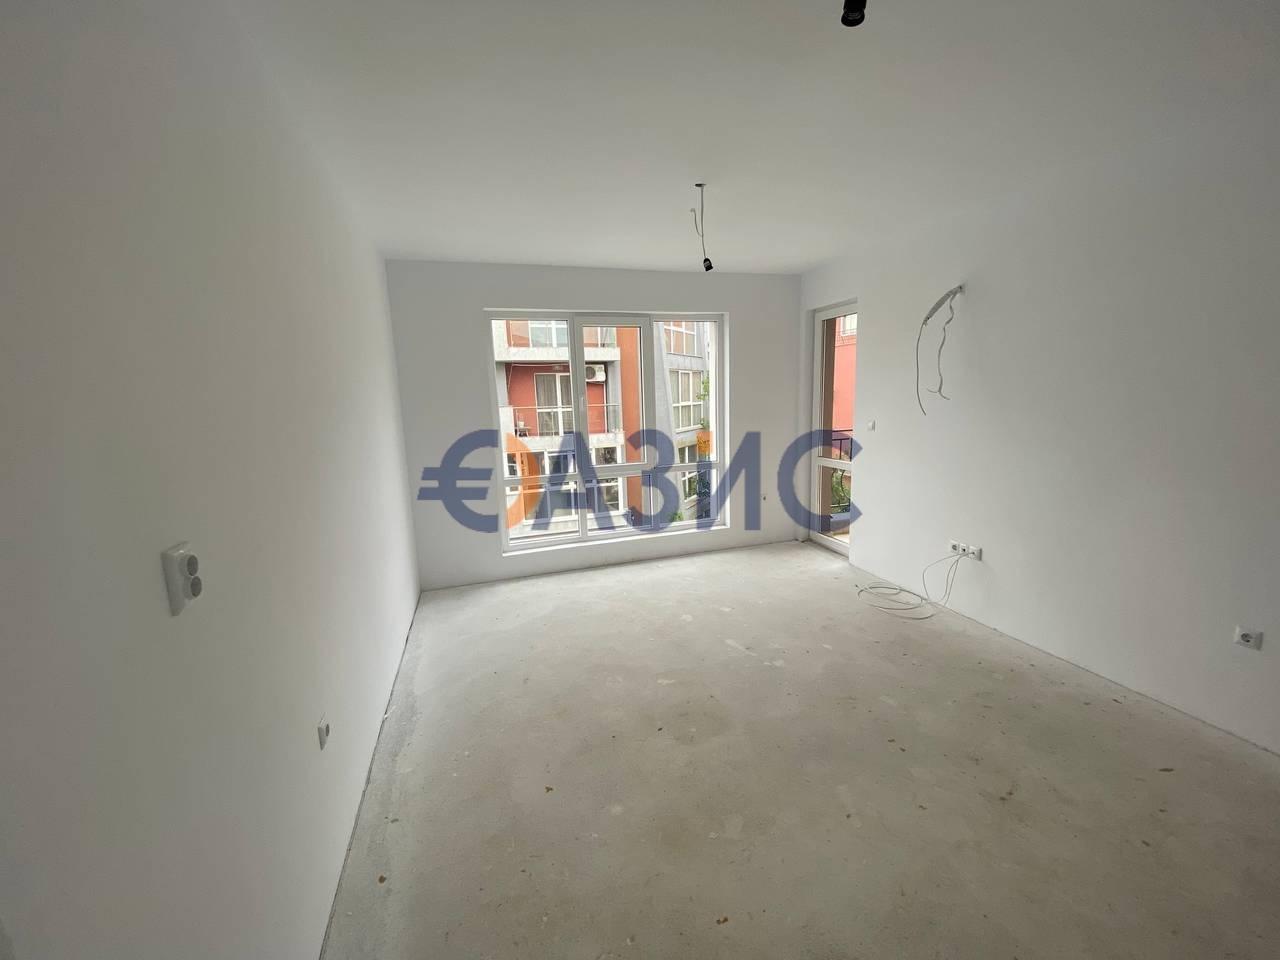 Трехкомнатный апартамент с водяным отоплением пола, Несебр, Болгария, 2